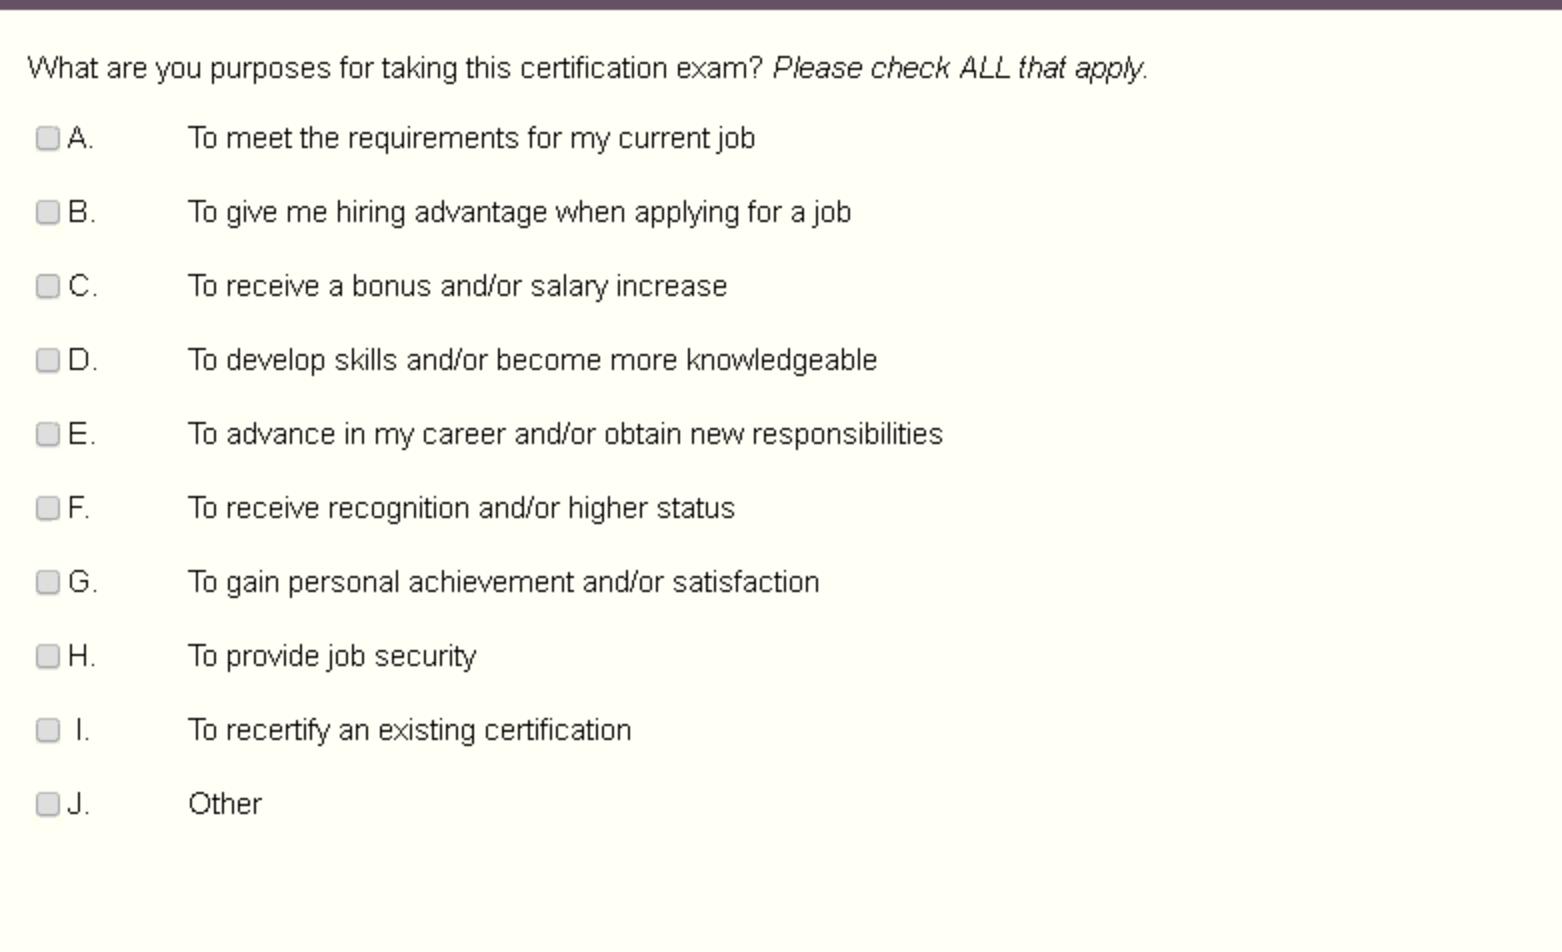 开始前和结束后都分别有一个跟成绩无关的问卷调查07